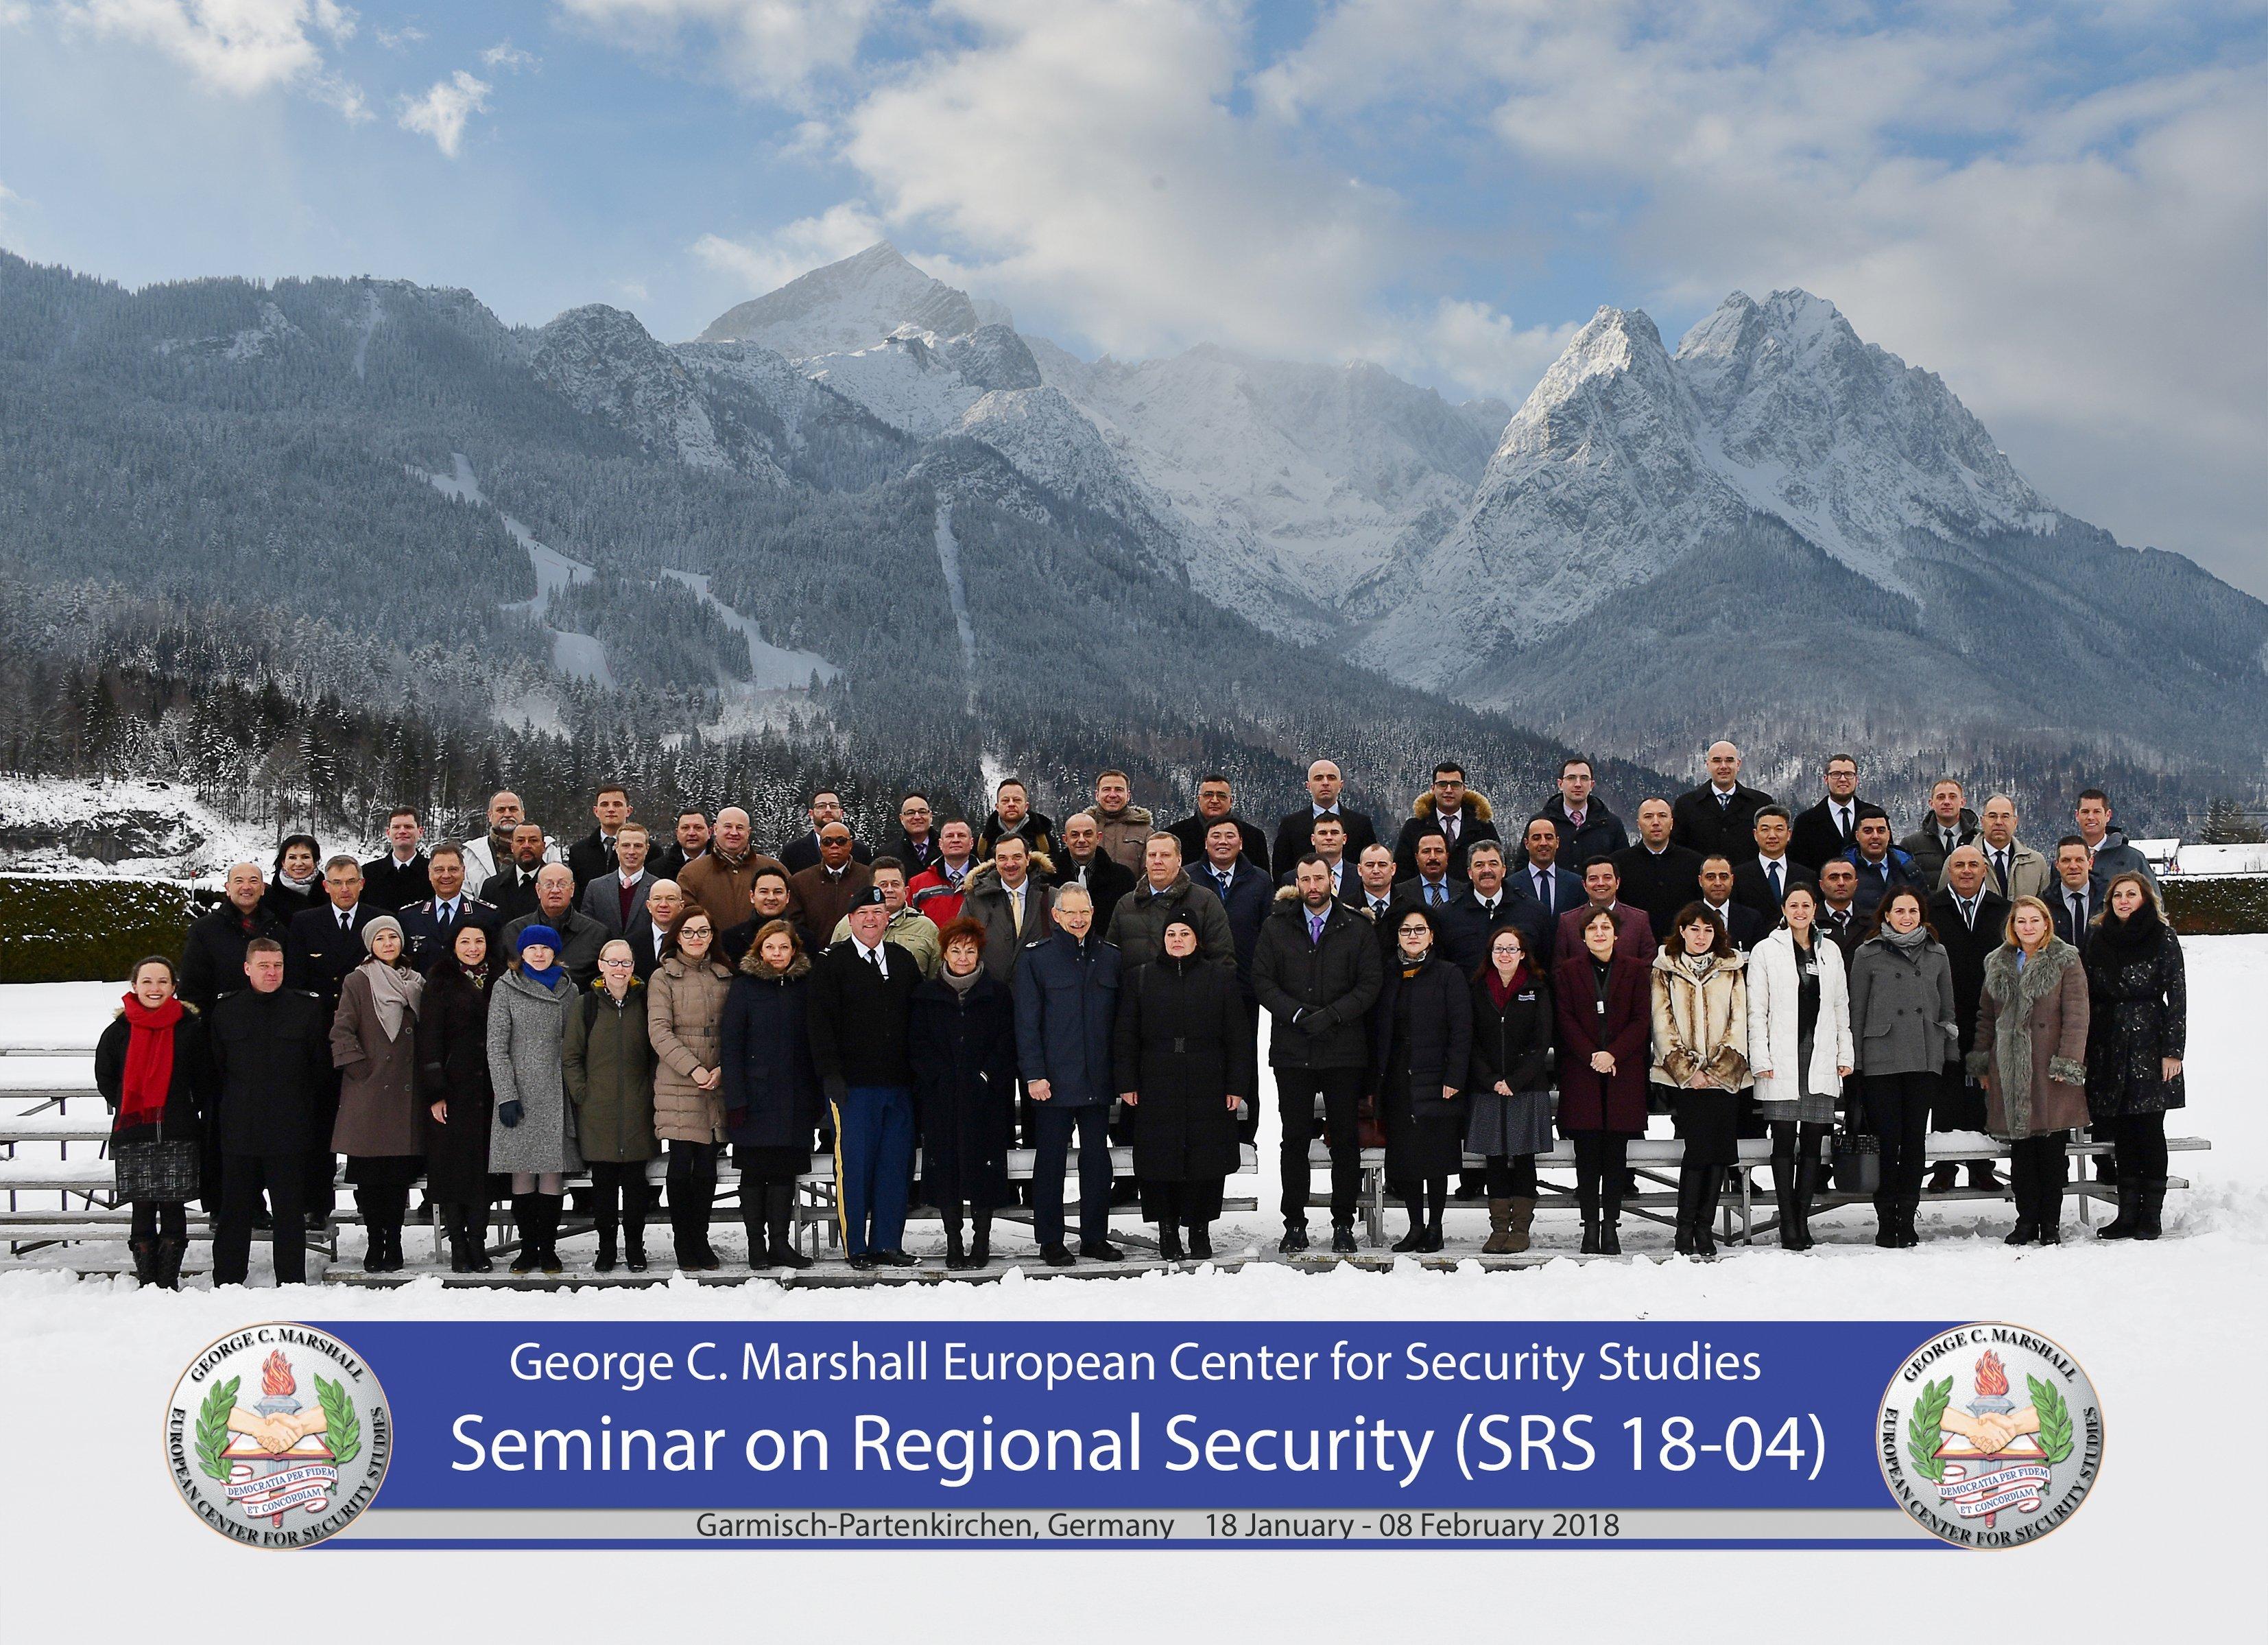 Drejtori i Institutit për Politikë dhe Marrëdhënie Ndërkombëtare, pjesëmarrës në Seminarin për Siguri Rajonale, në Gjermani